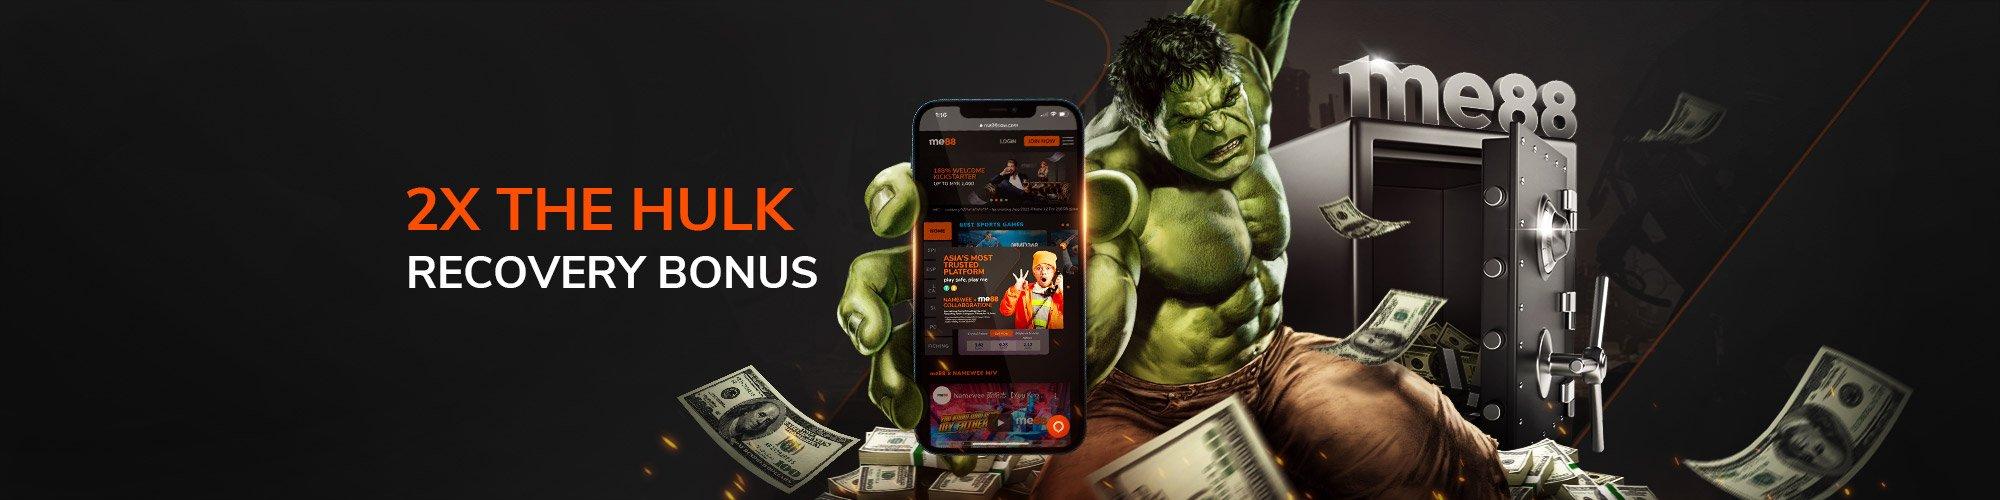 me88-2x-the-hulk-bonus